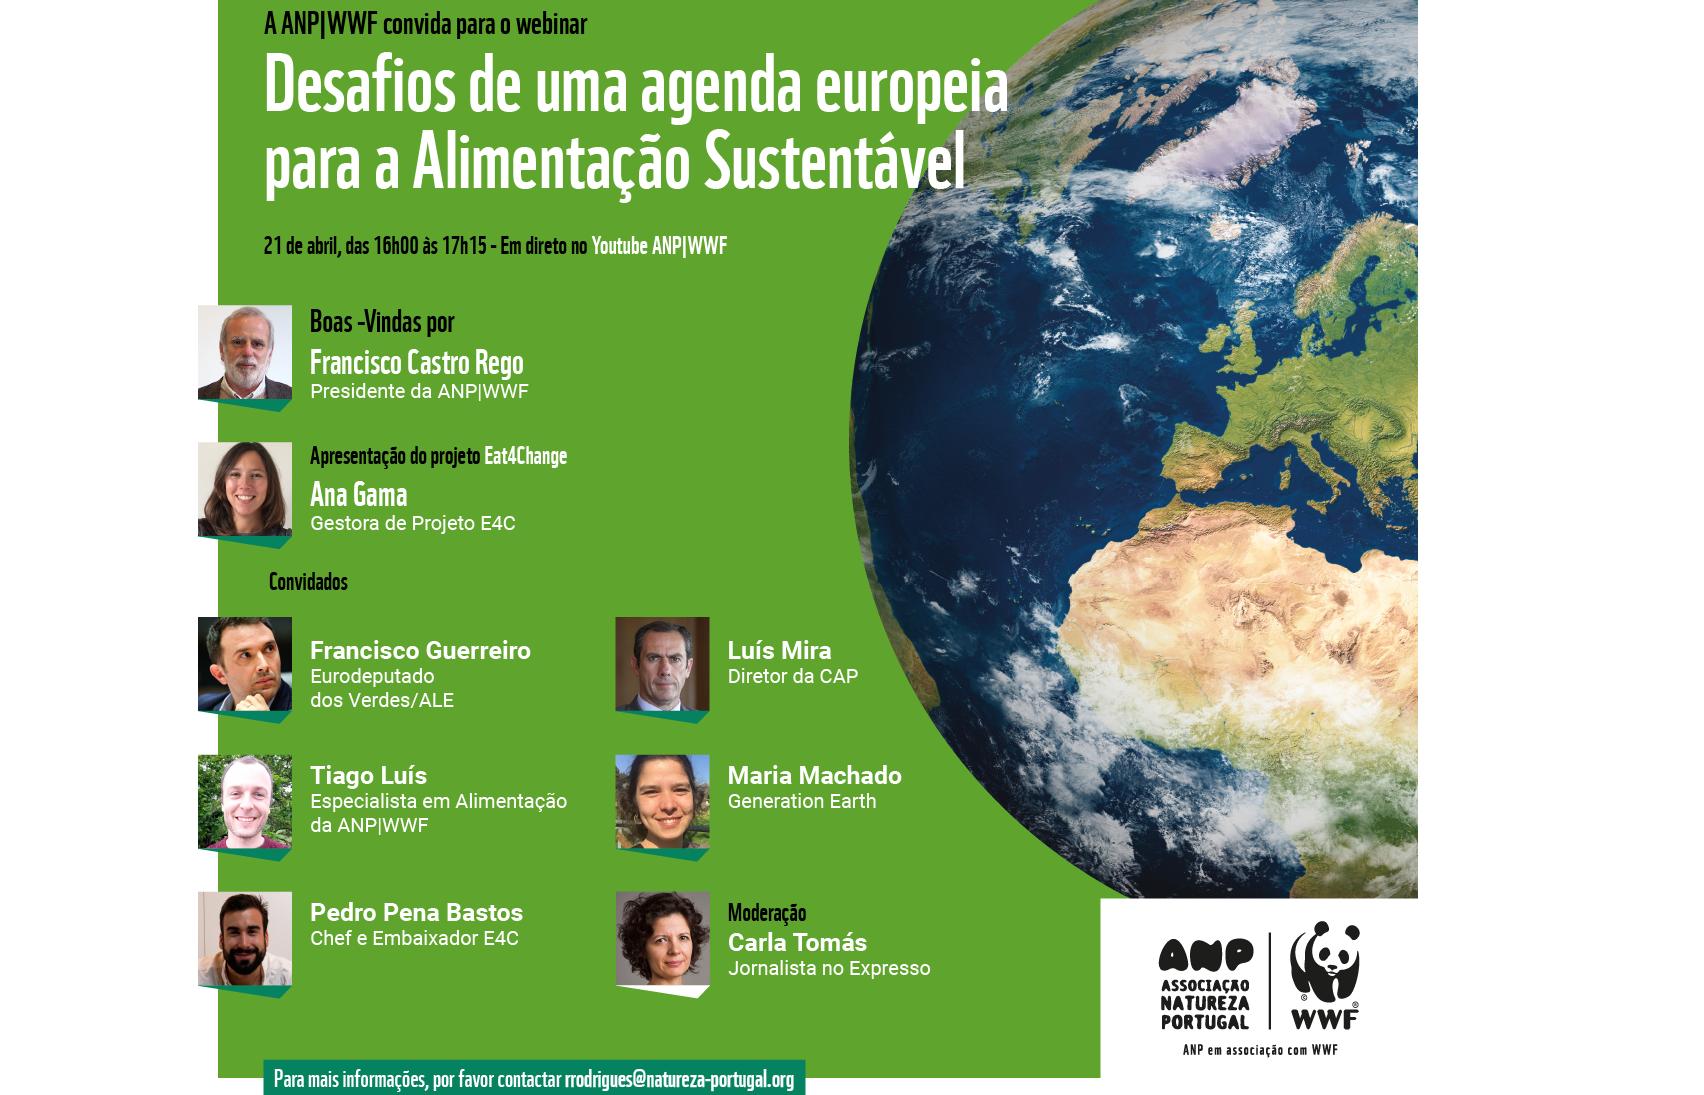 Desafios de uma agenda europeia para a Alimentação Sustentável